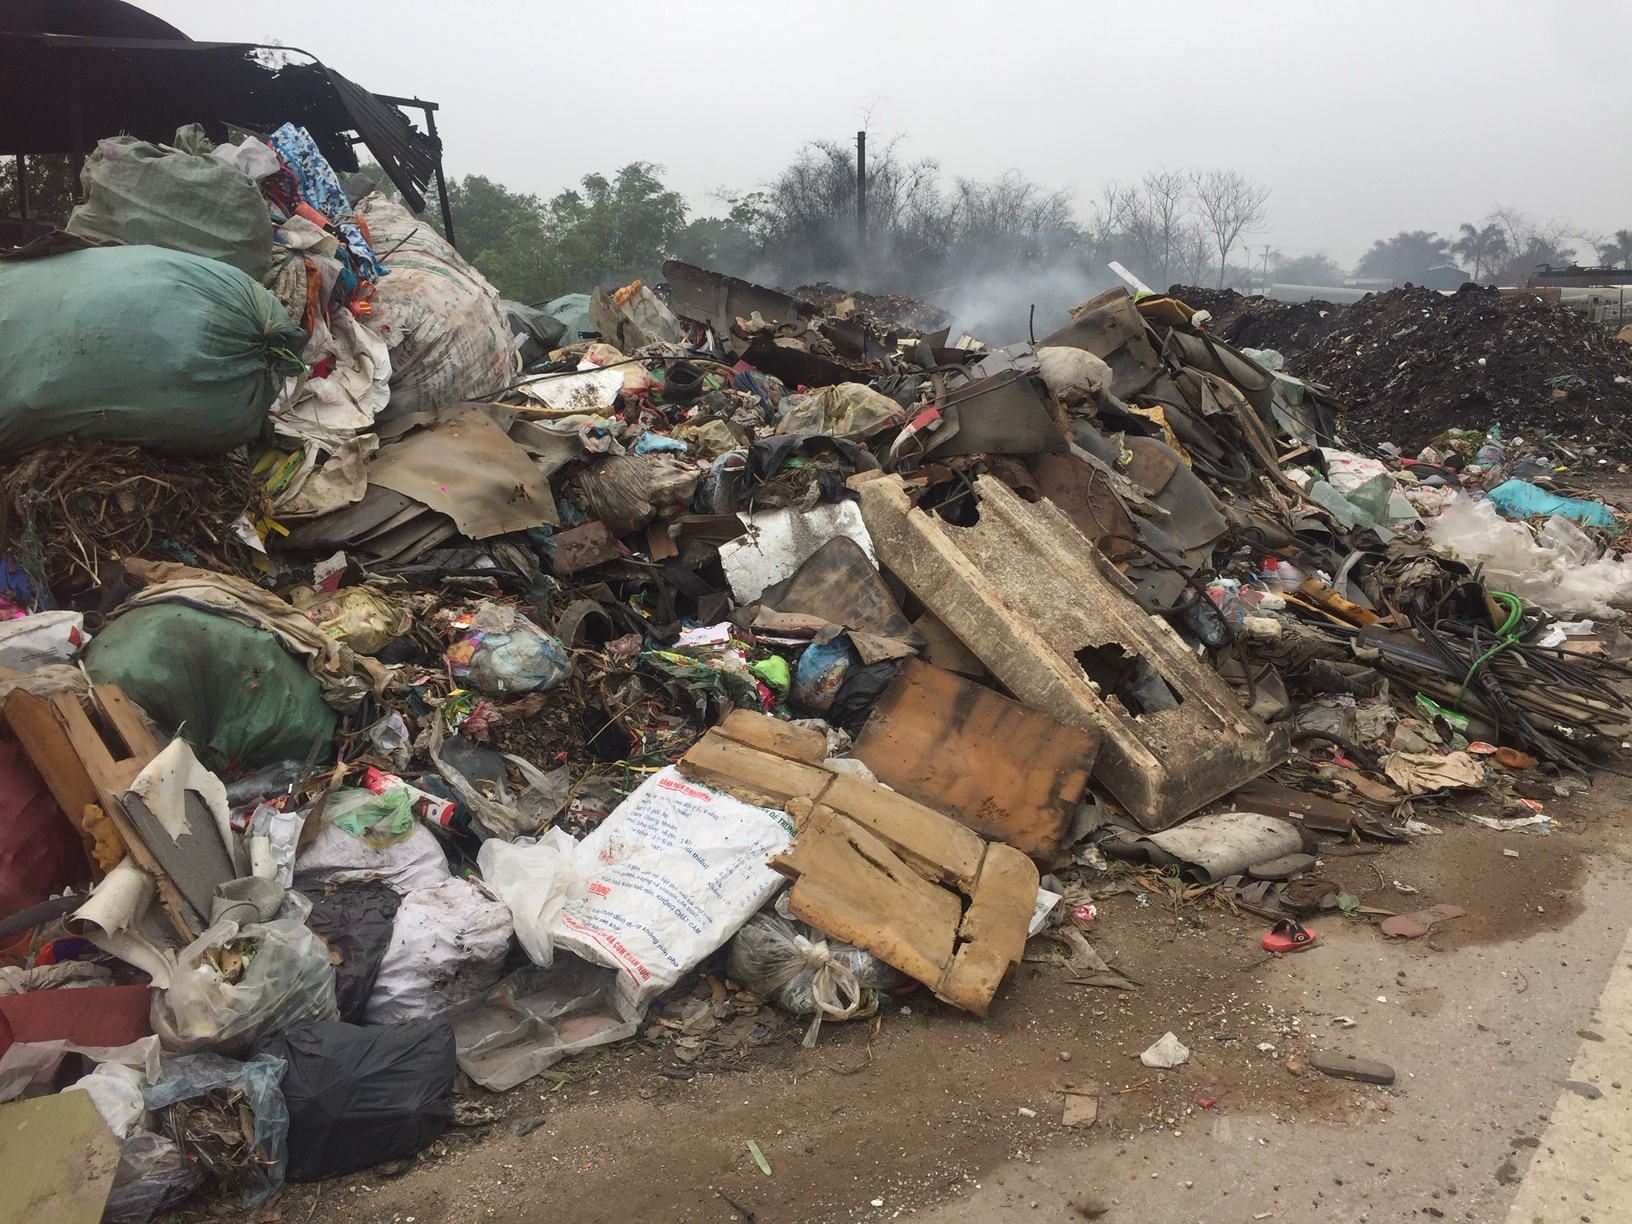 Vĩnh Phúc: Người dân xã Đồng Văn kêu cứu vì ô nhiễm từ lò đốt rác thủ công